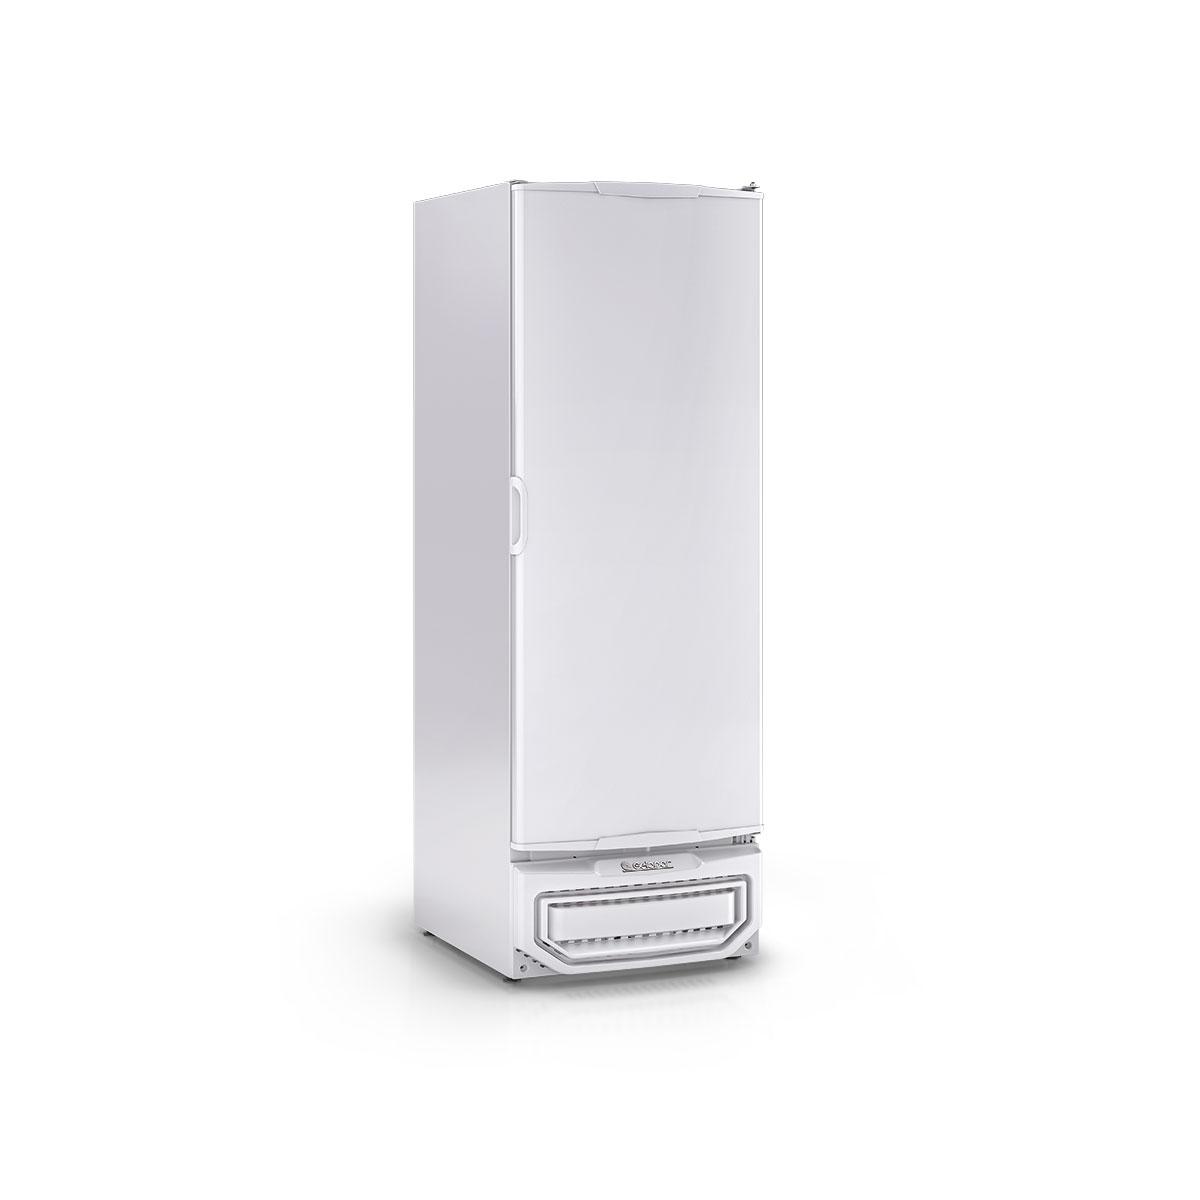 Freezer conservador e Refrigerador GPC-57BR Gelopar